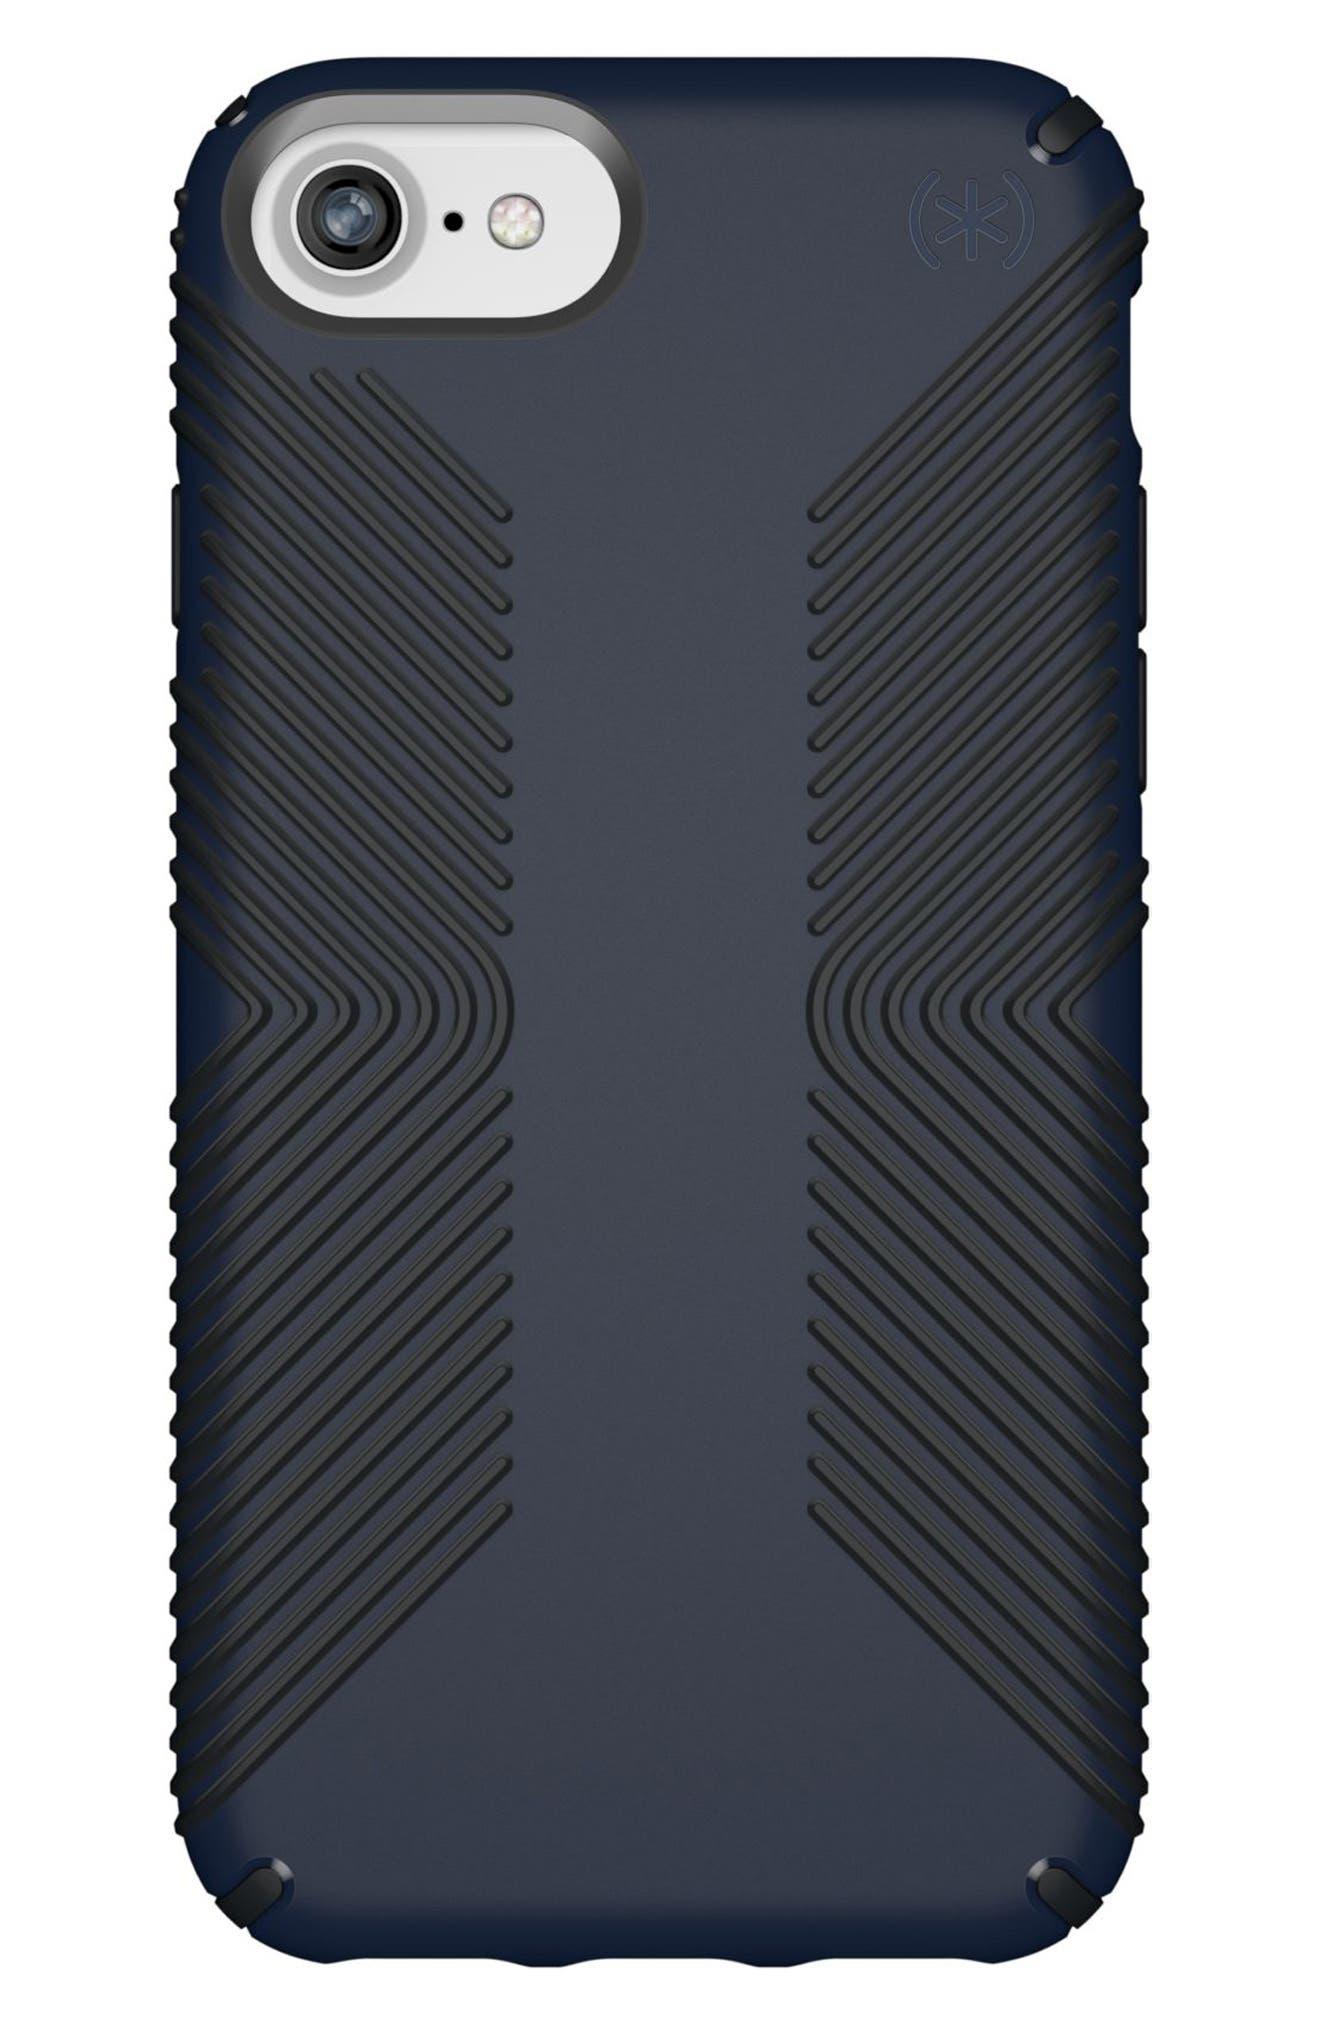 Grip iPhone 6/6s/7/8 Case,                             Main thumbnail 1, color,                             400